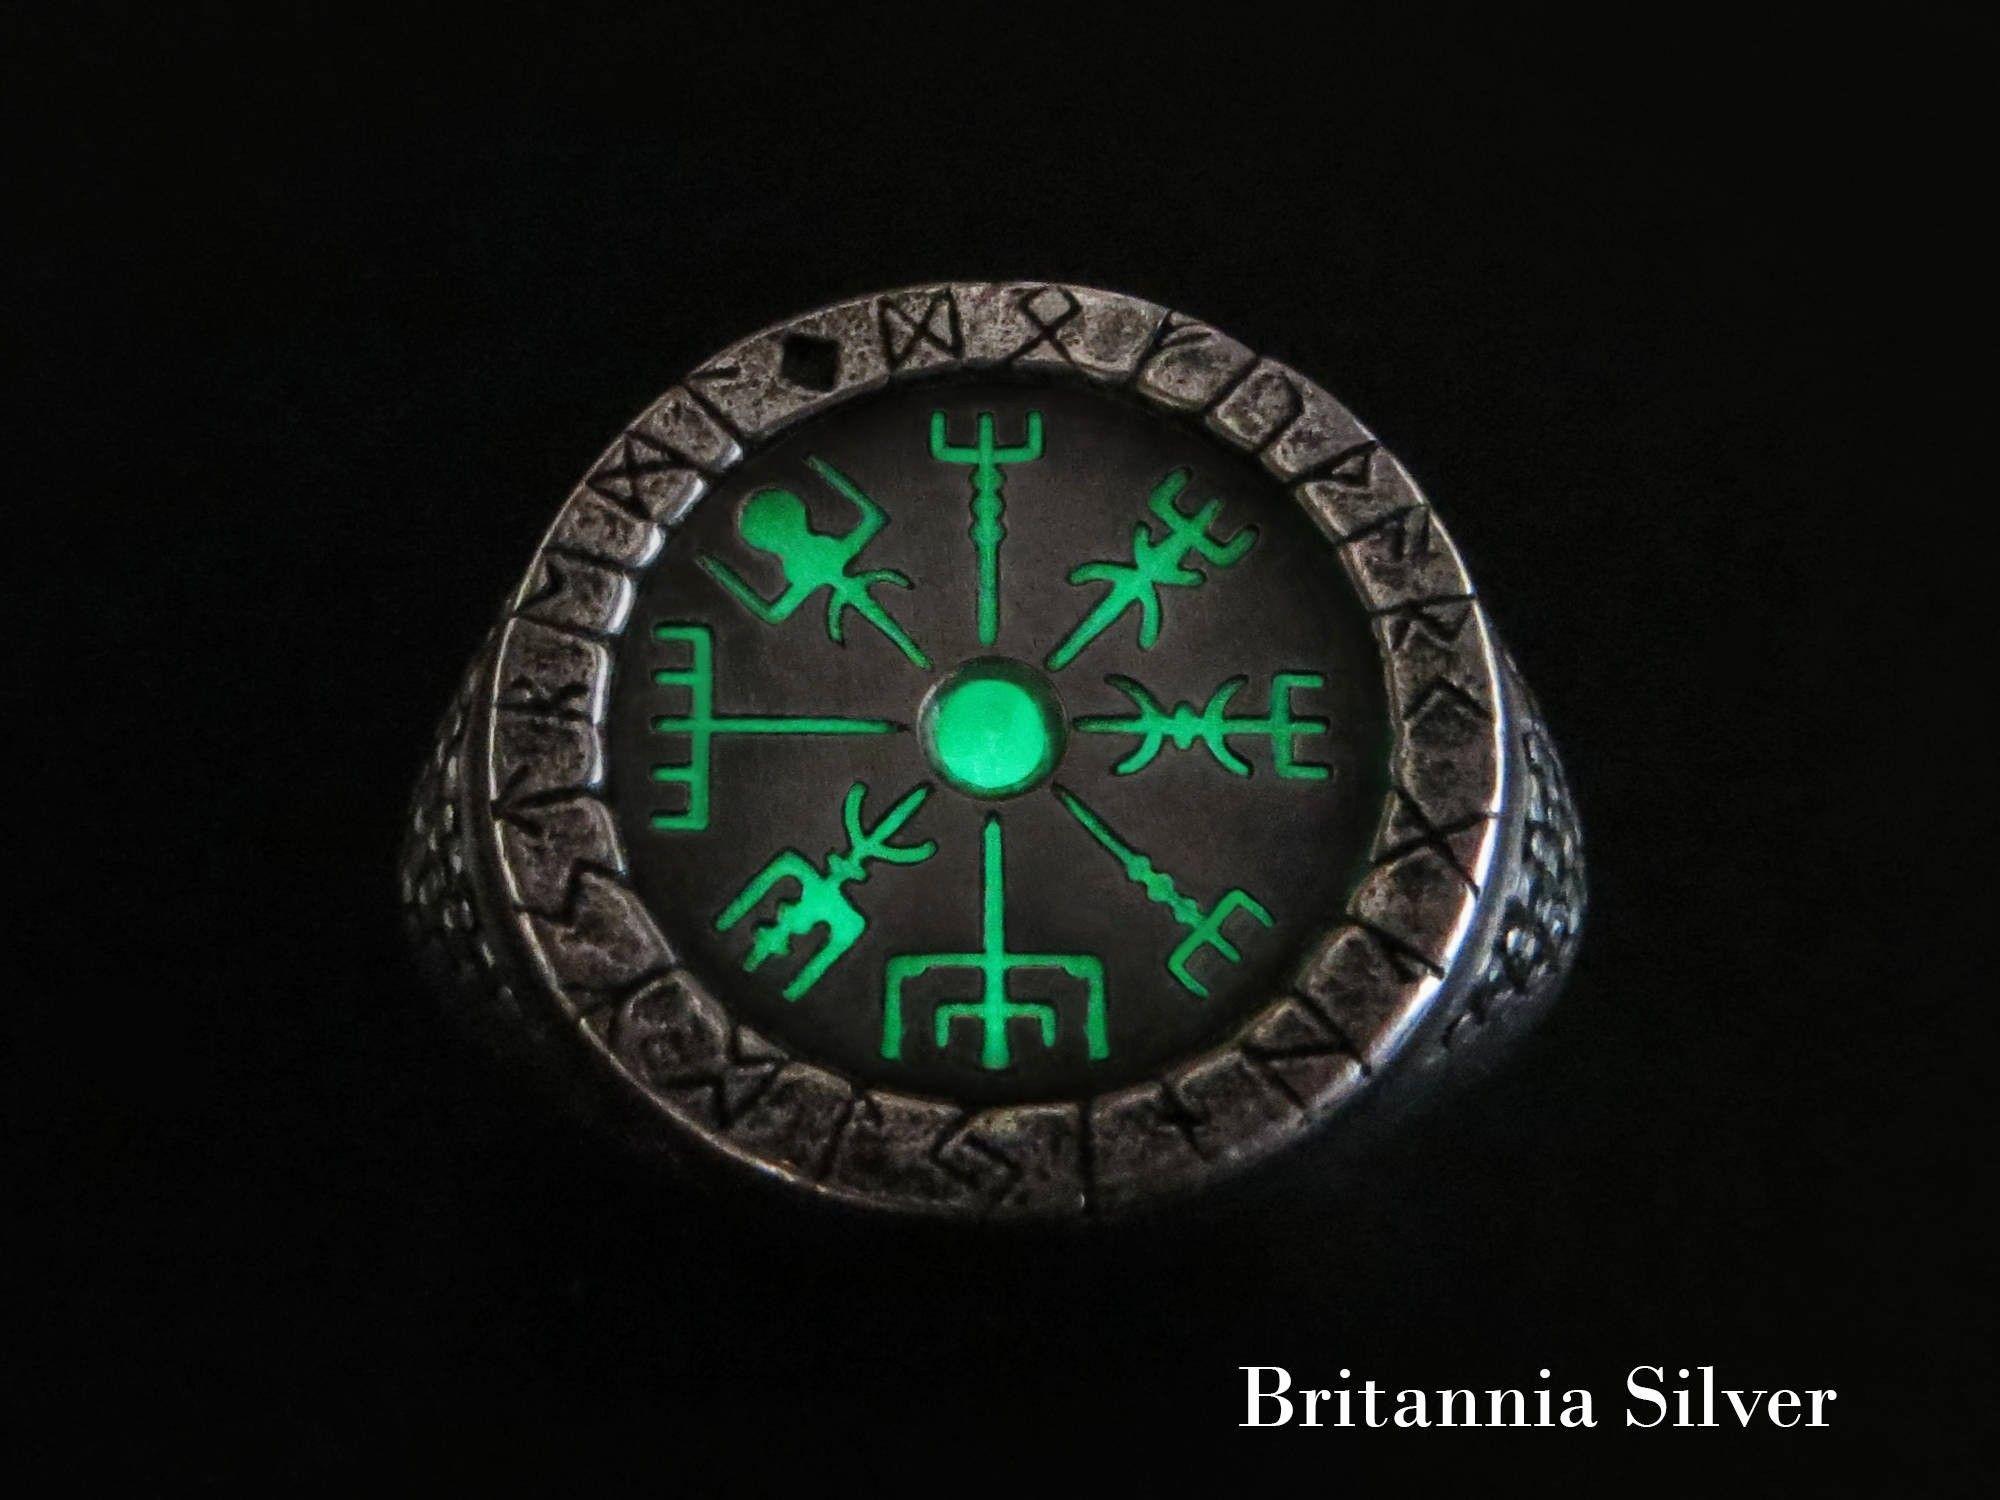 Viking Symbol Wallpapers Top Free